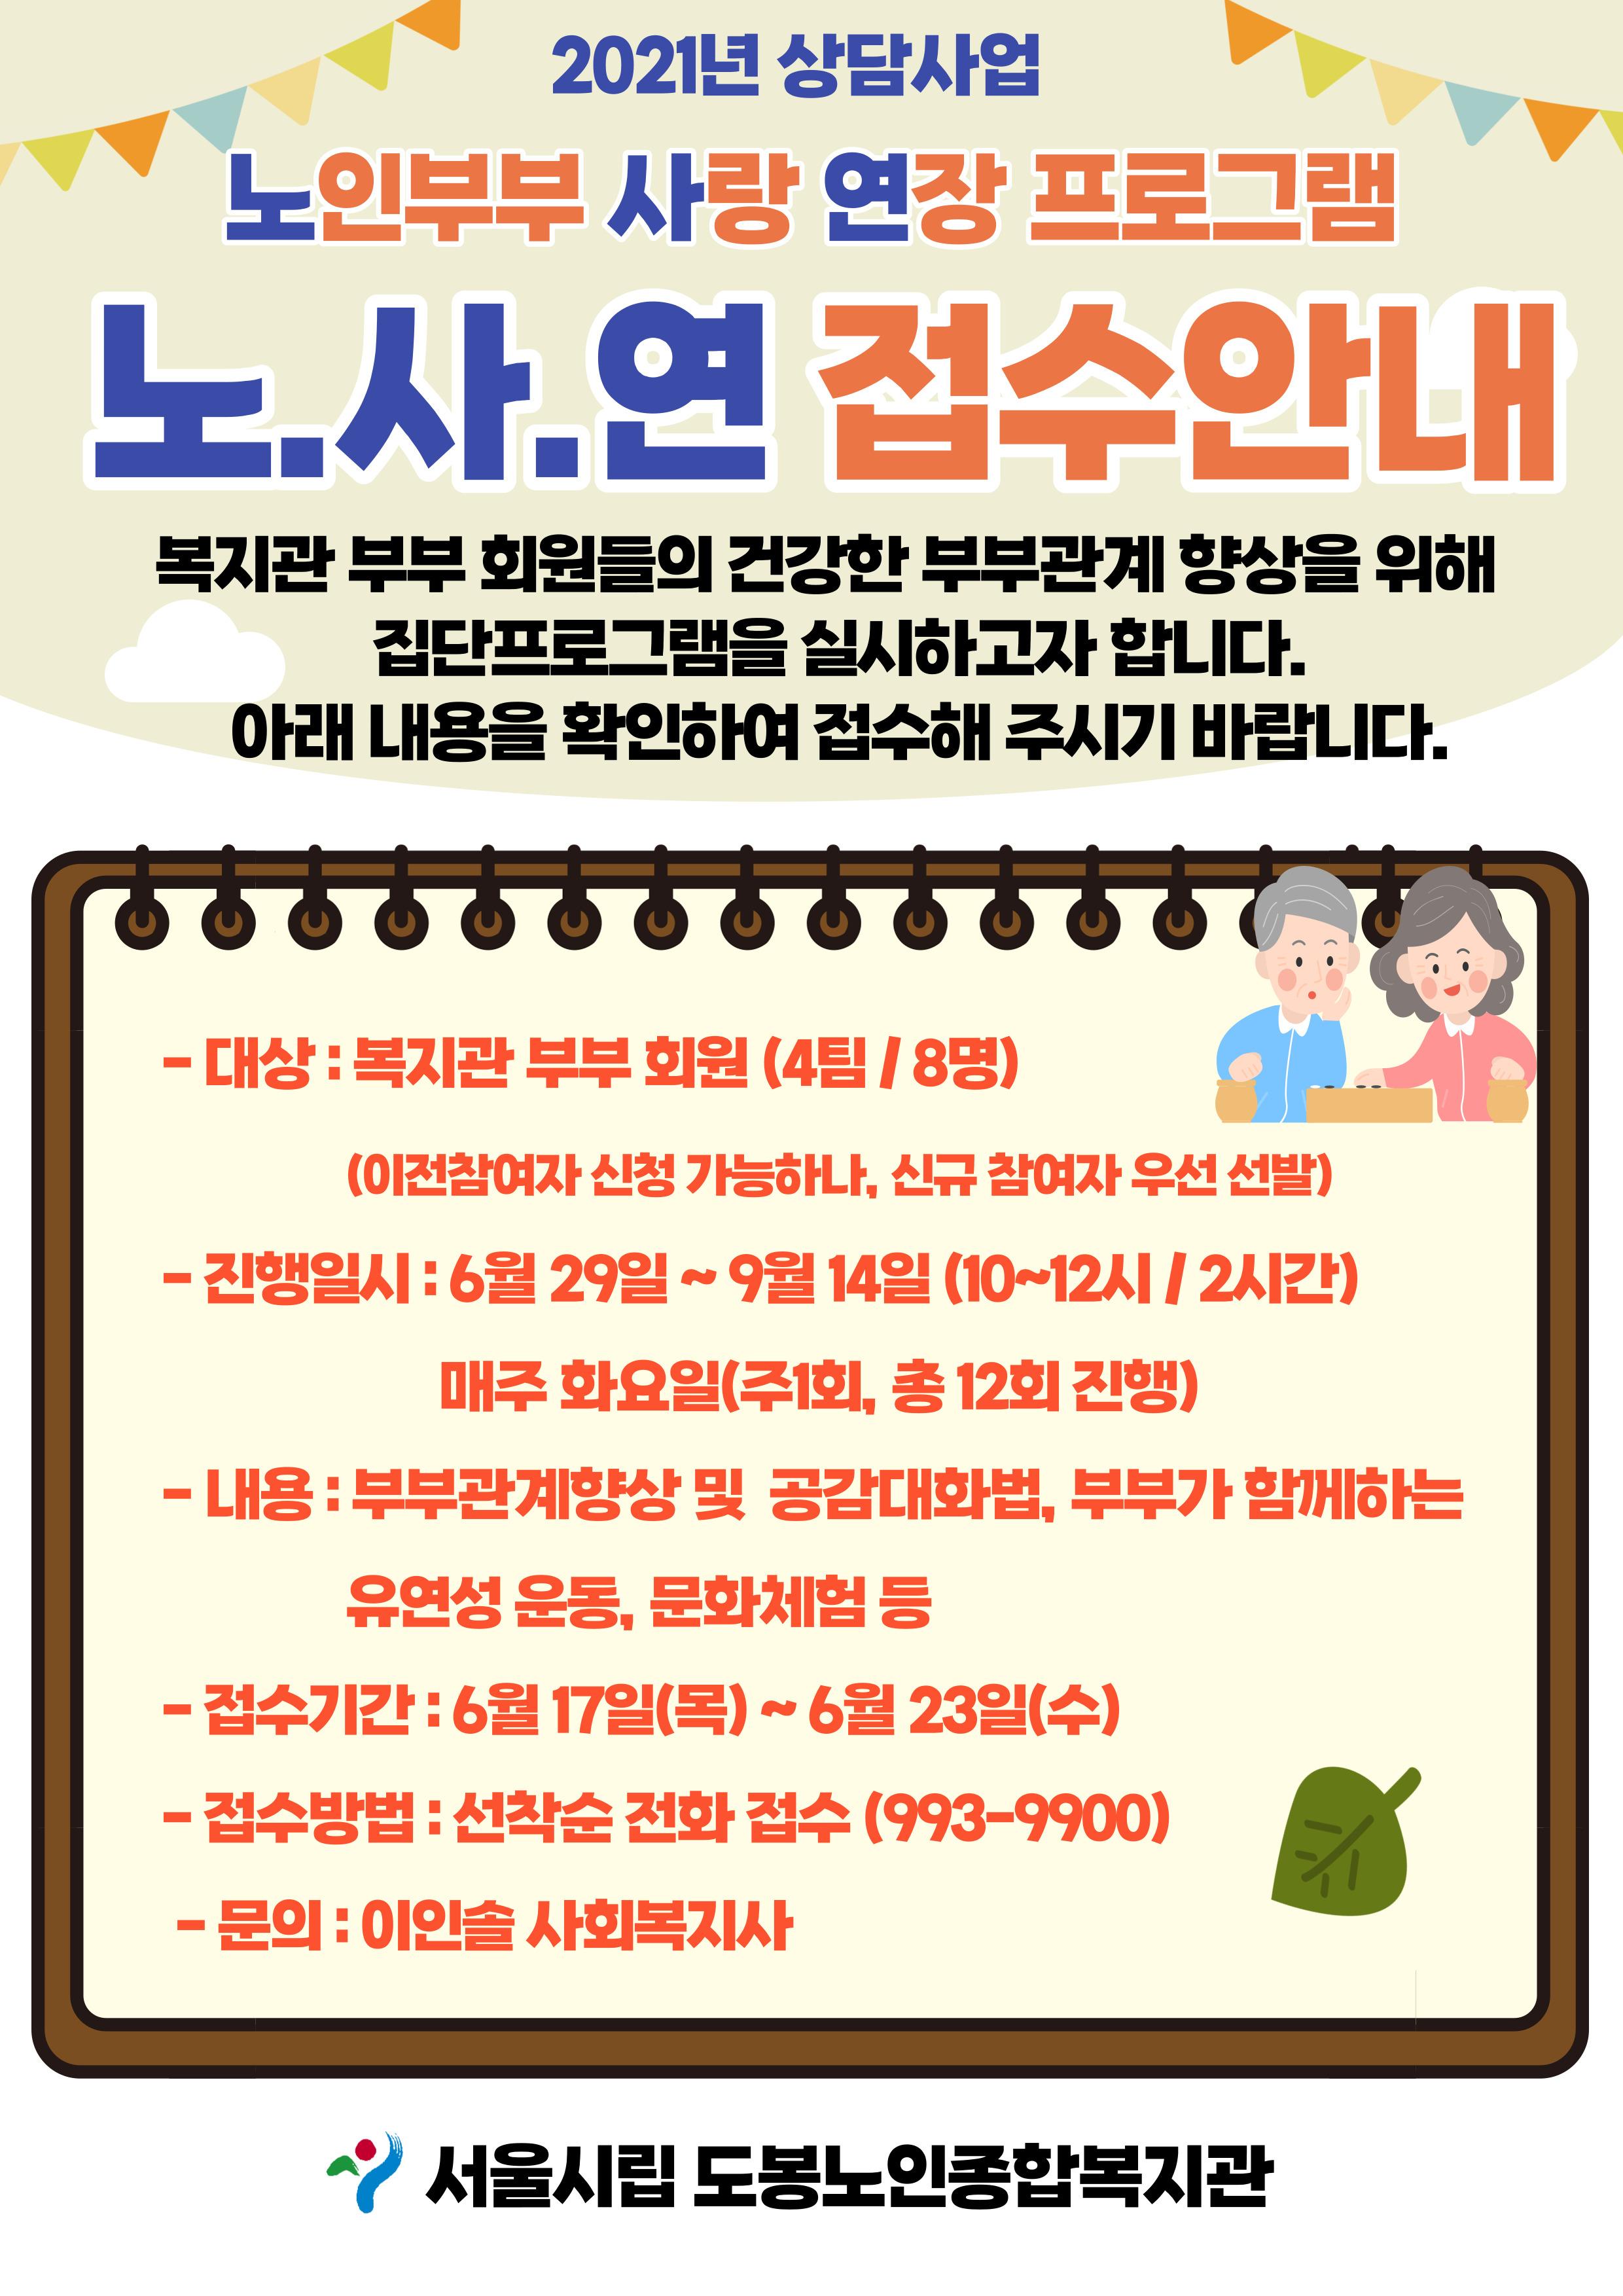 2021 노인부부사랑연장 프로그램 안내.jpg